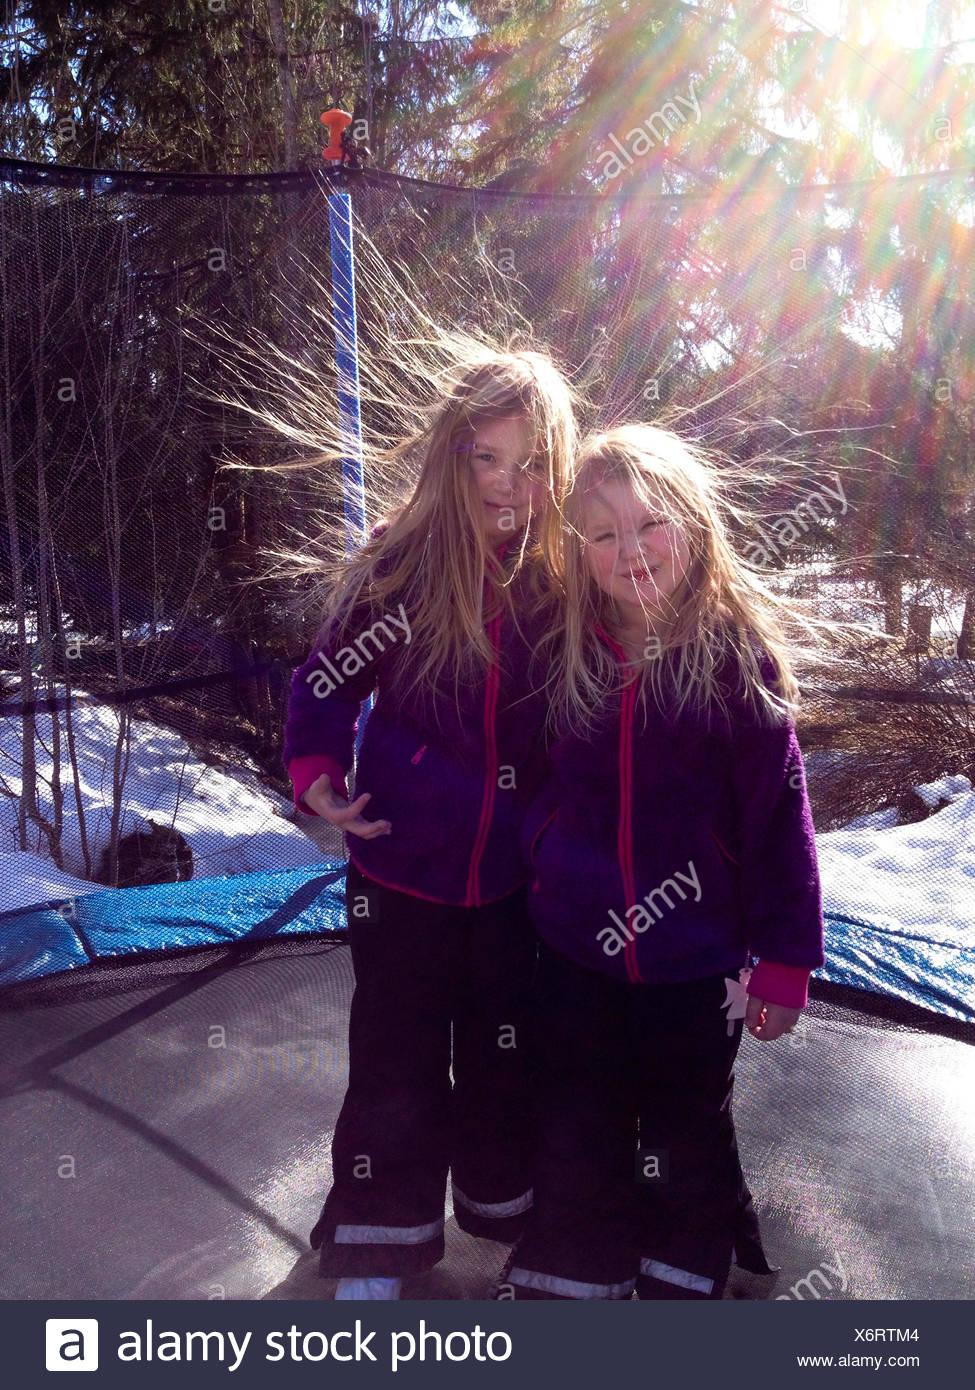 Suecia, dos niñas (6-7 años, 8-9 años) en el trampolín con la electricidad estática del pelo Imagen De Stock